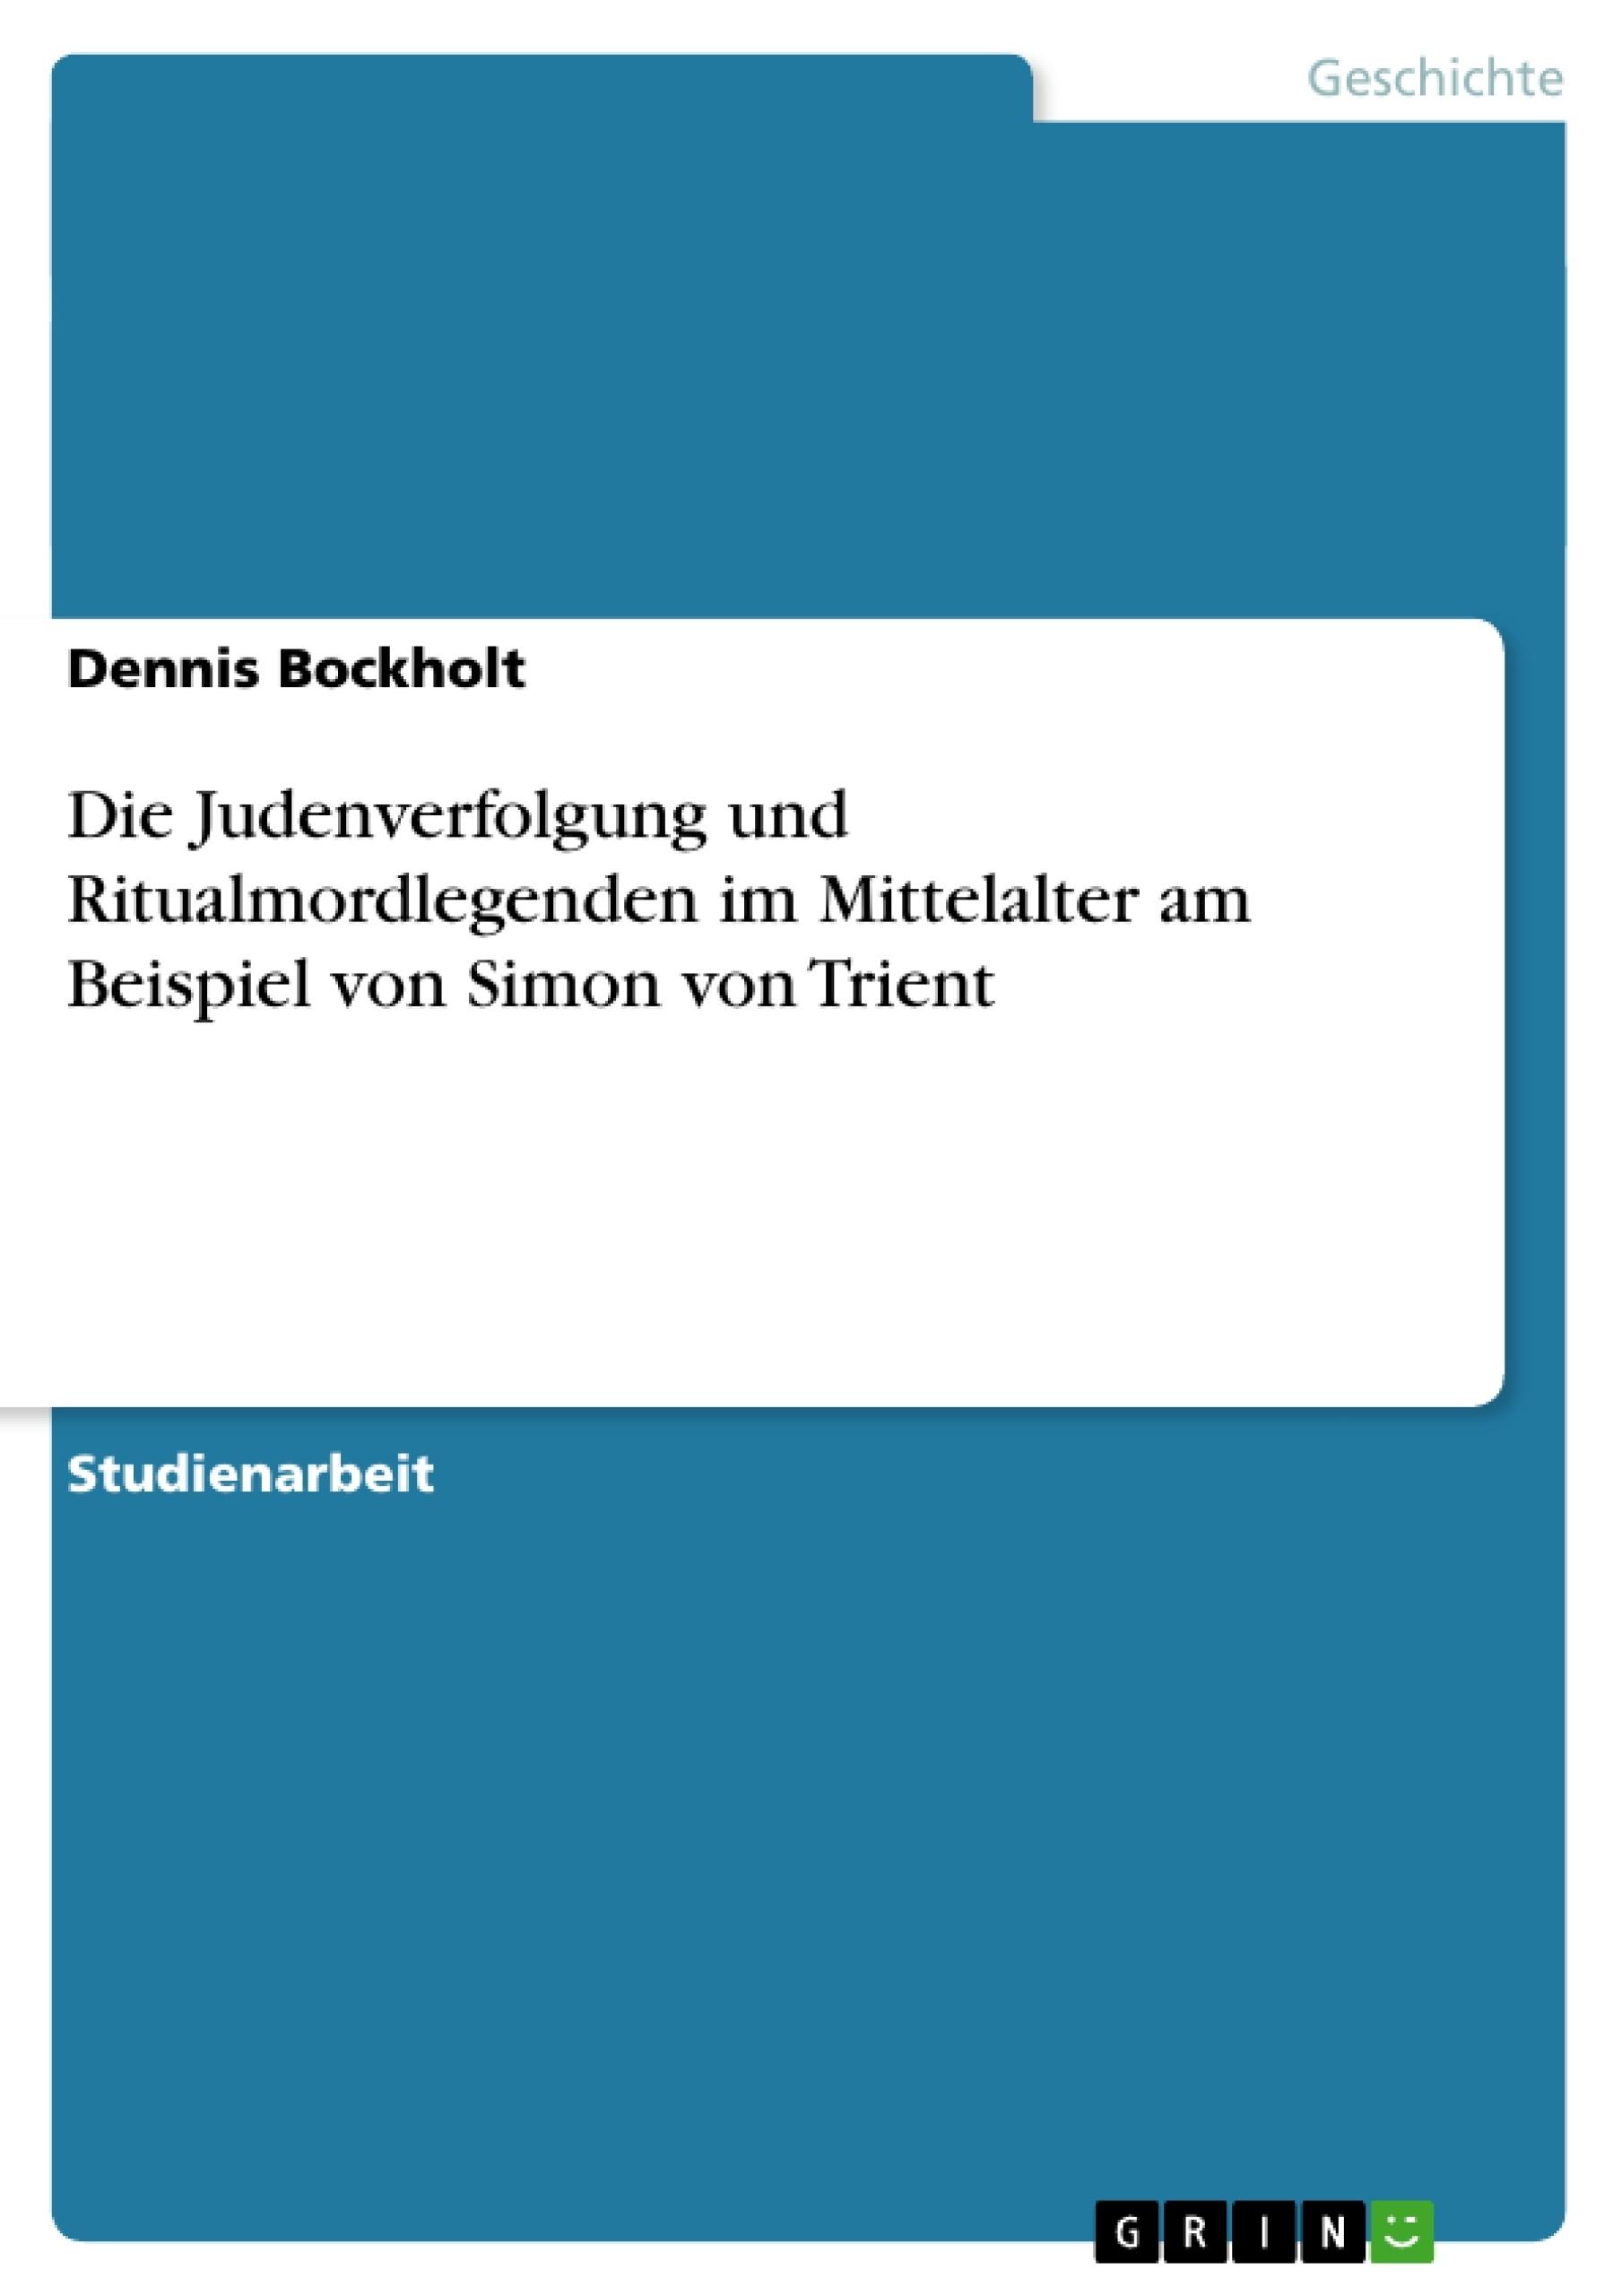 Titel: Die Judenverfolgung und Ritualmordlegenden im Mittelalter am Beispiel von Simon von Trient